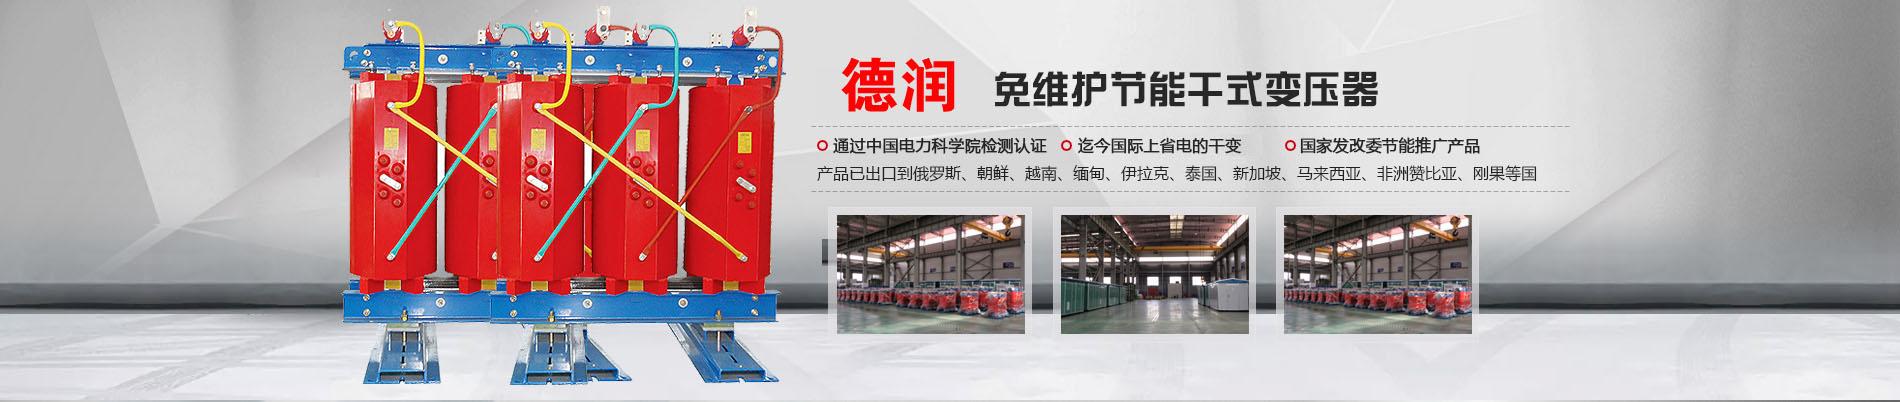 金华干式变压器厂家